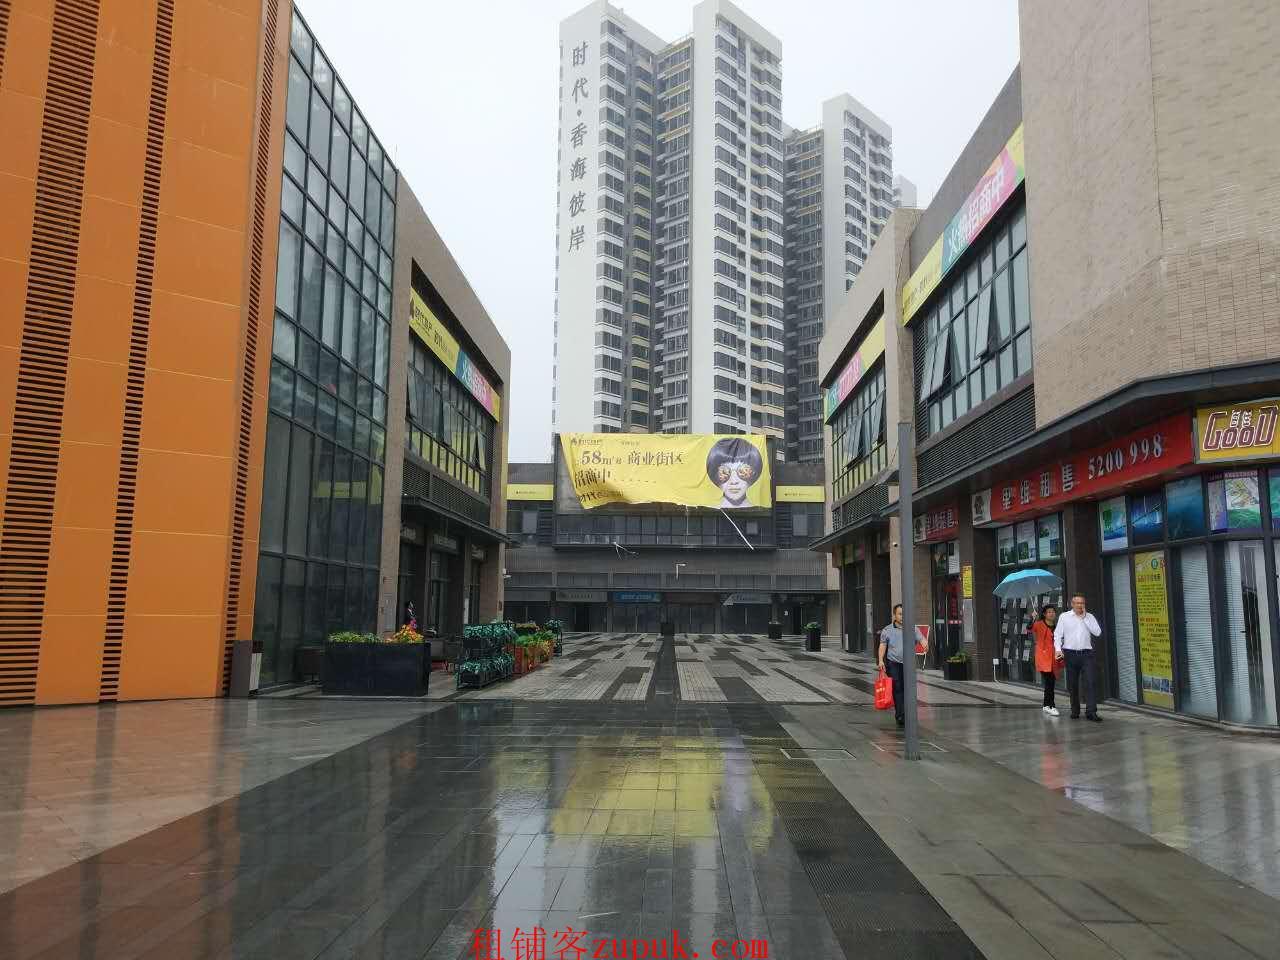 (出租) ◆◆ 业主直租◆◆时代香海彼岸◆◆全新商铺◆◆